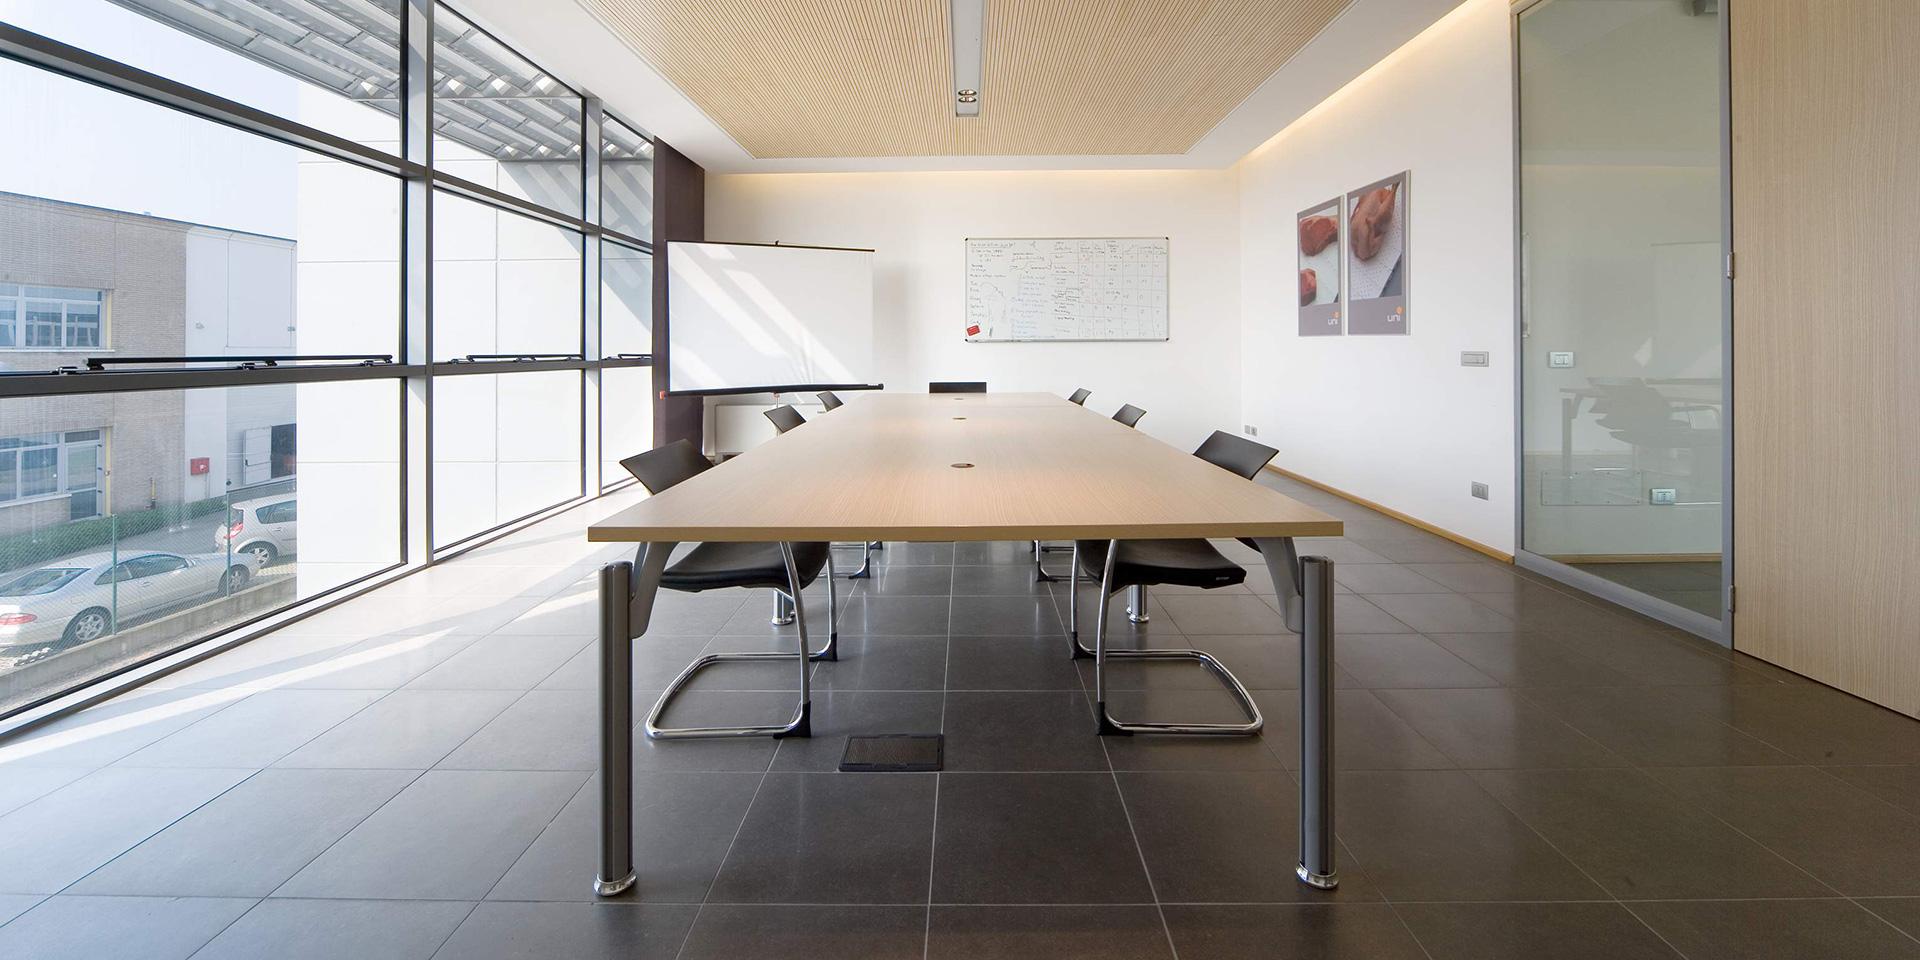 UNI-CHAINS Headquarters a Reggio Emilia, Binini Partners, Società di architettura e ingegneria